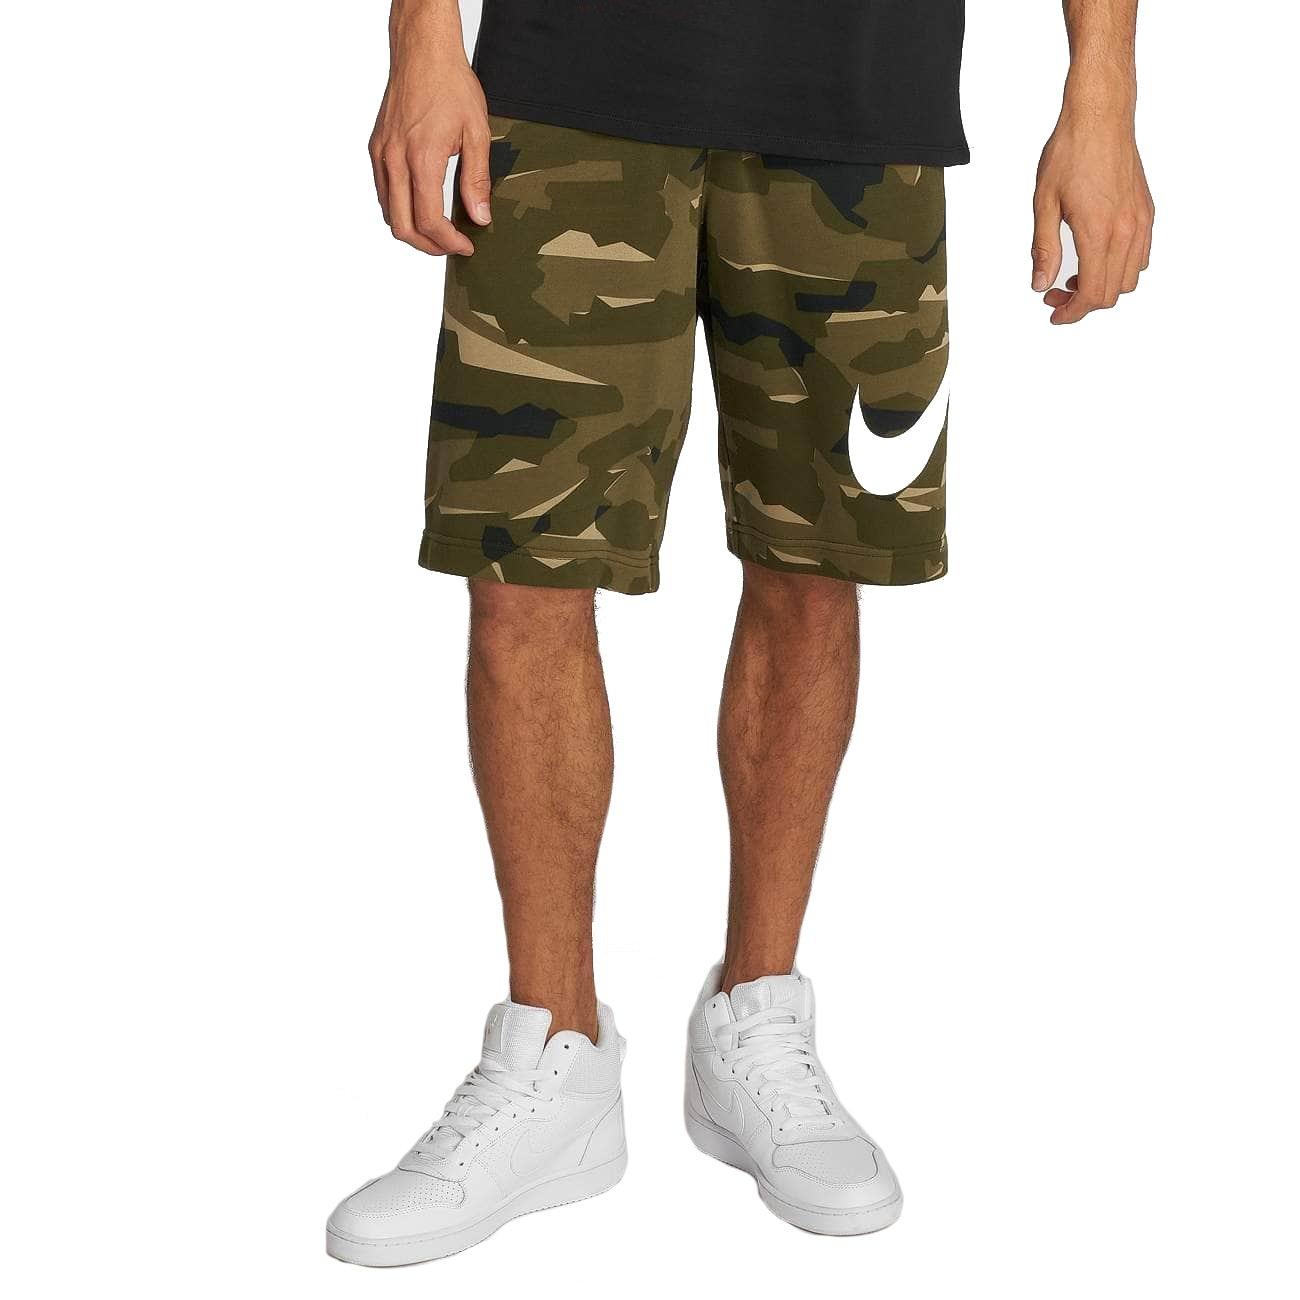 Nike Short Camo QS